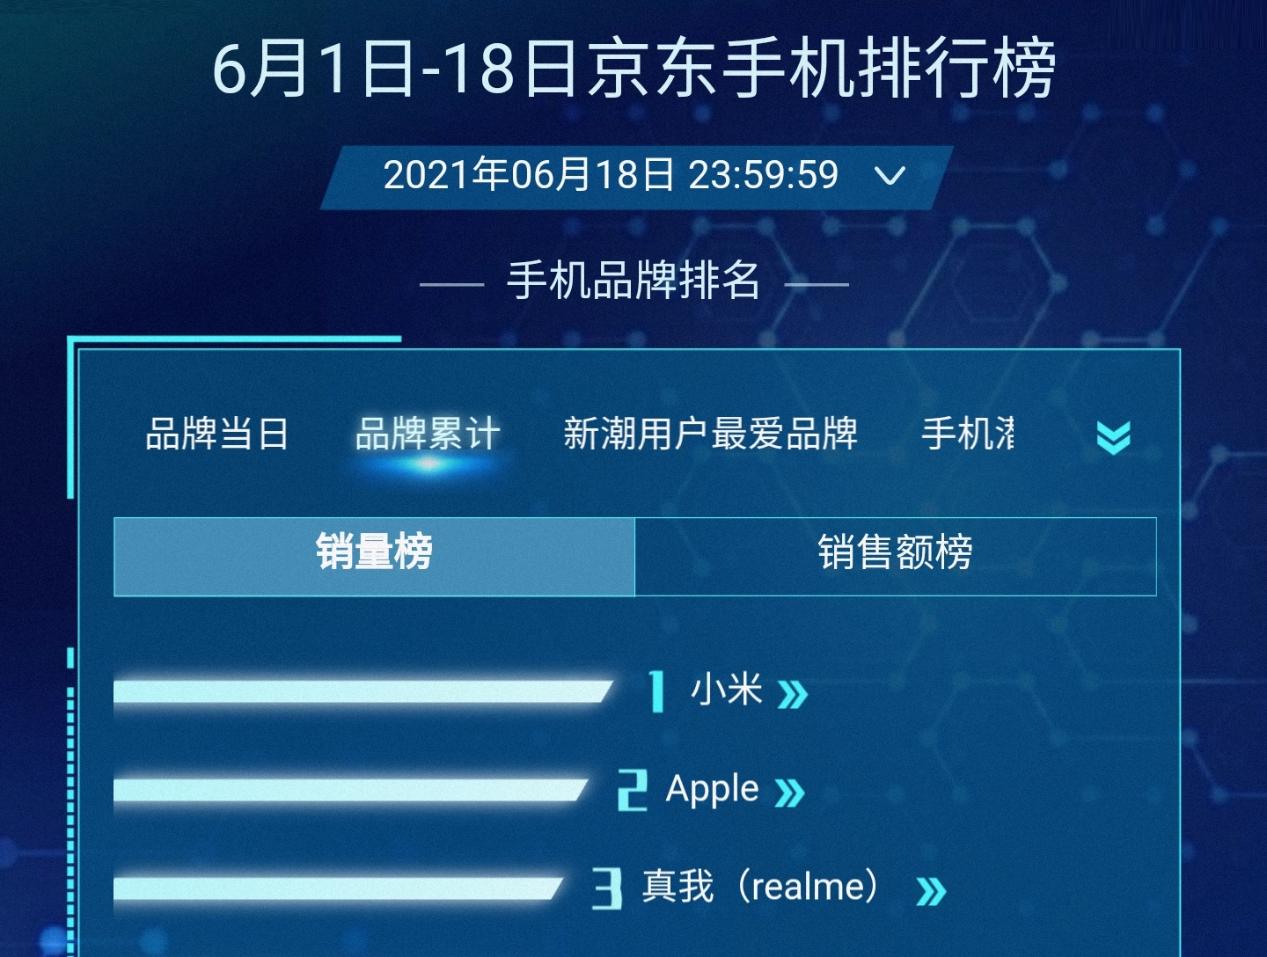 """国产手机销量""""亚军"""",618卖出了100万台,正式成为新爆款!"""